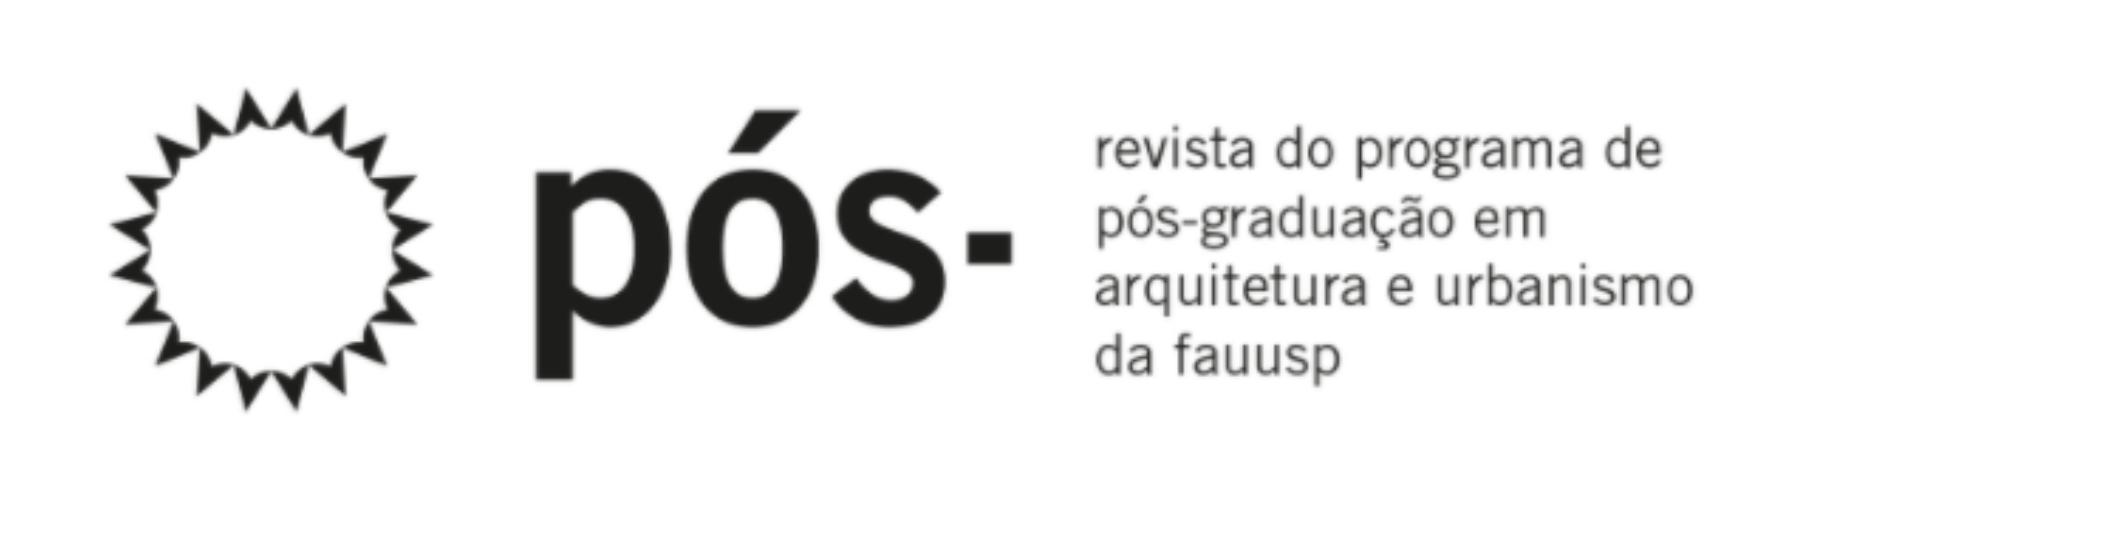 Pós. Revista Programa de Pós-Graduação em Arquitetura e Urbanismo da FAUUSP